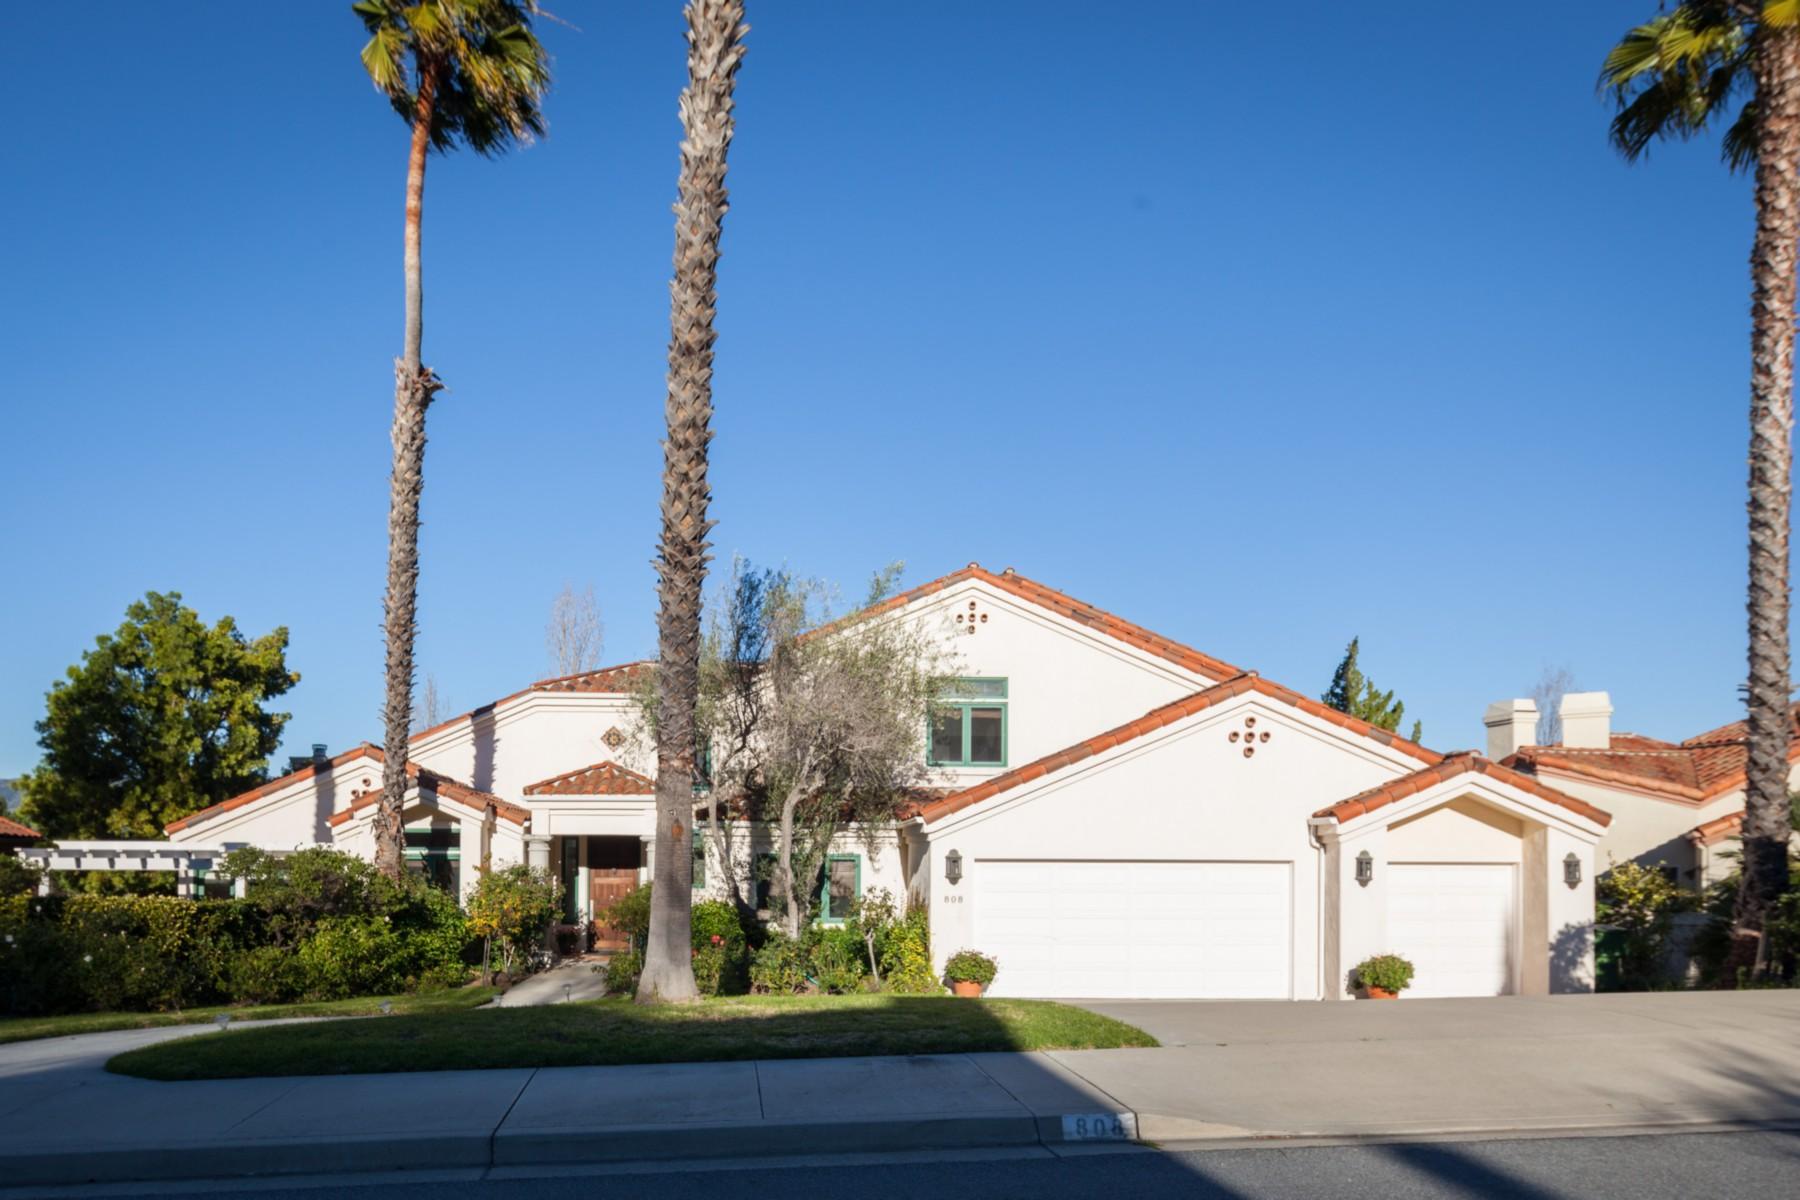 Einfamilienhaus für Verkauf beim 808 Greystone, San Luis Obispo San Luis Obispo, Kalifornien, 93401 Vereinigte Staaten